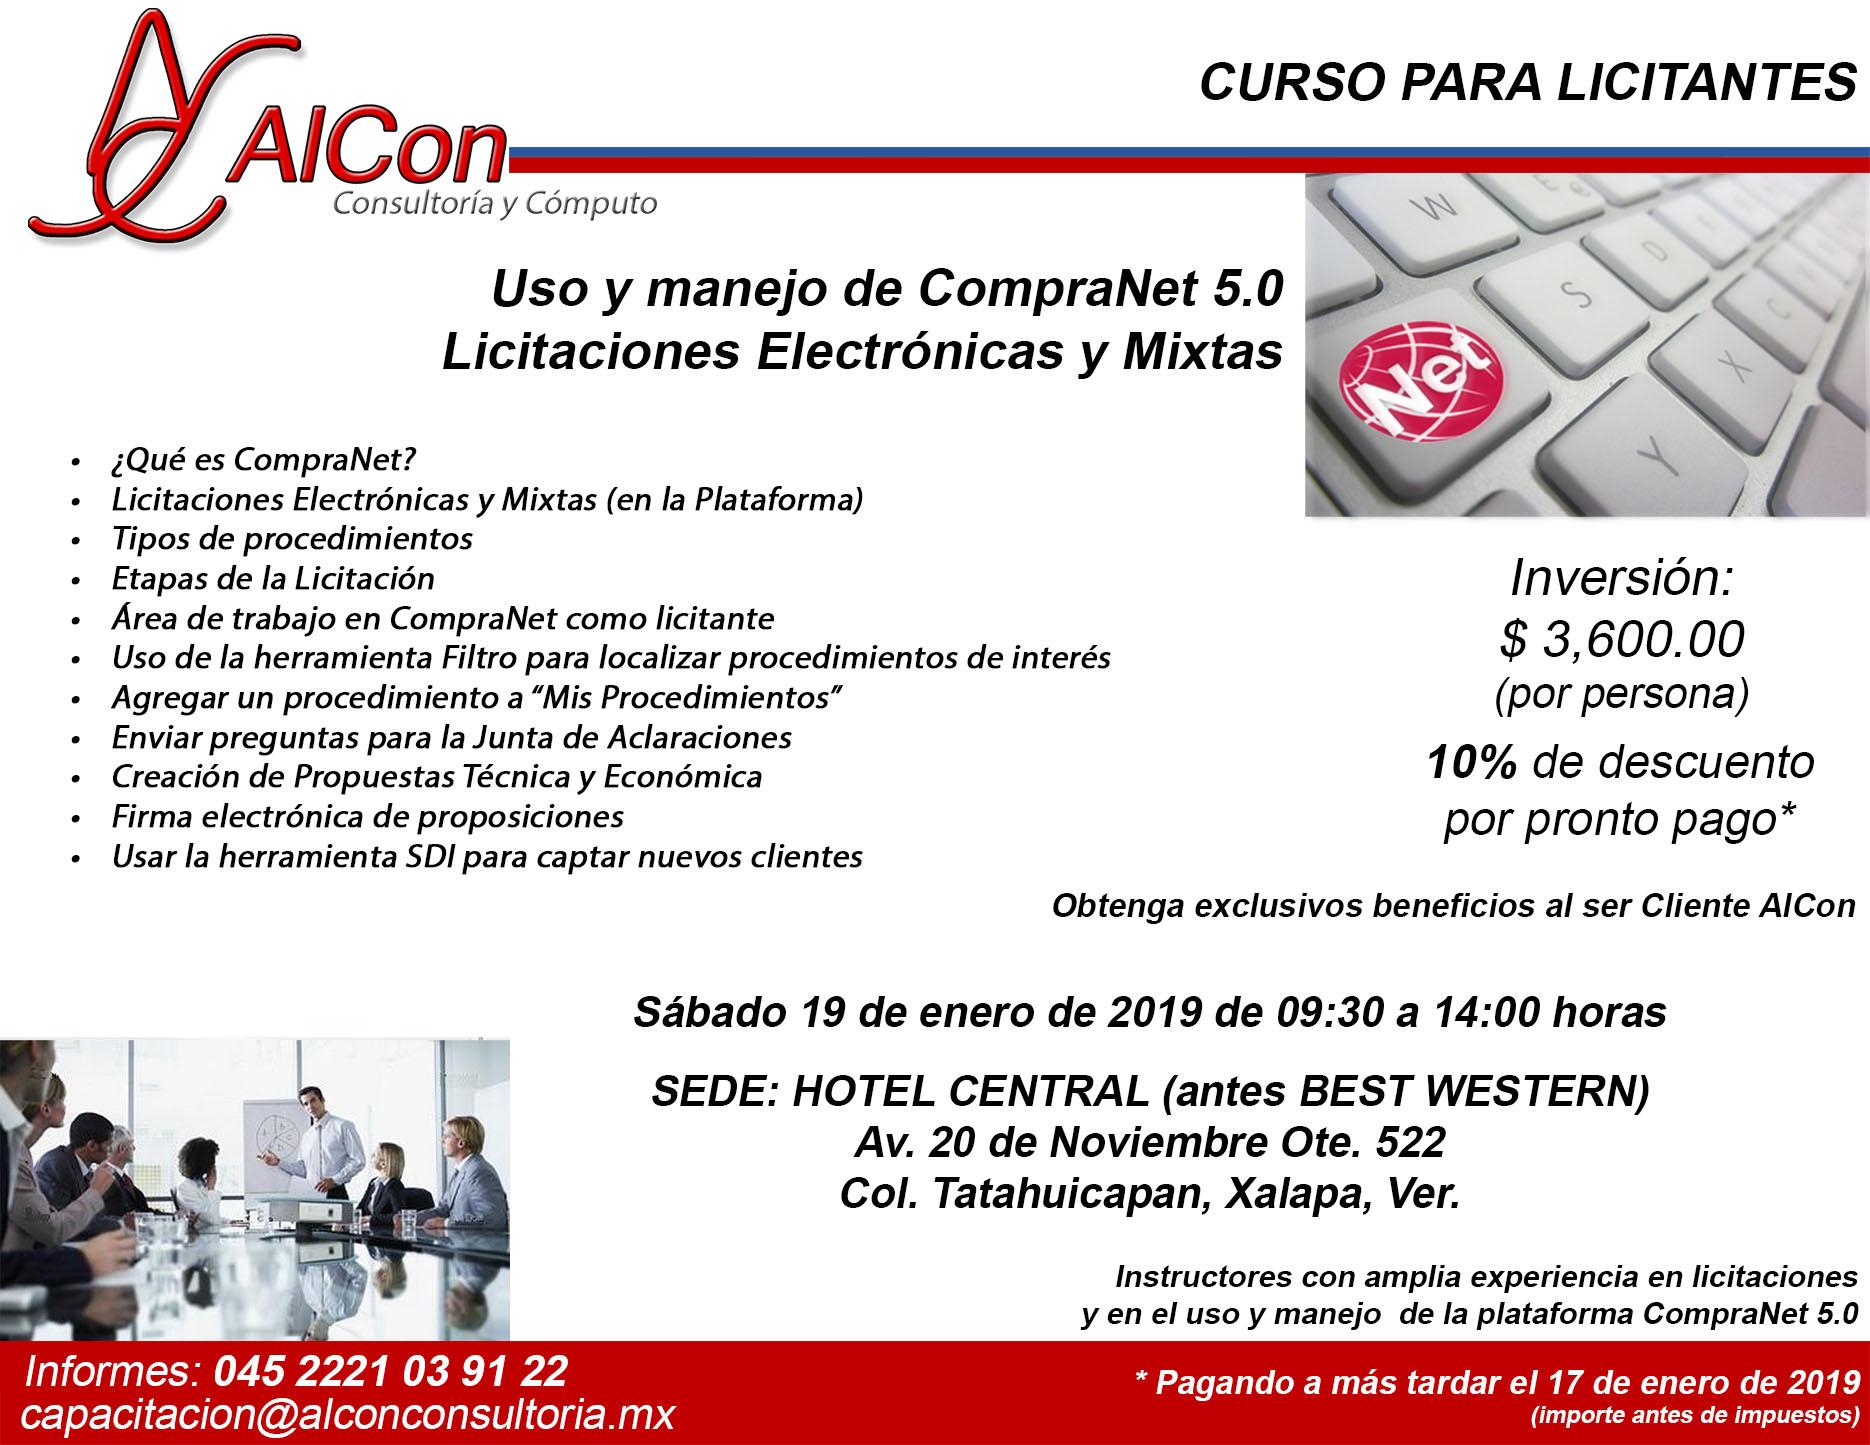 Curso CompraNet 5.0 Xalapa, Ver. Arcadio Alonso Sánchez